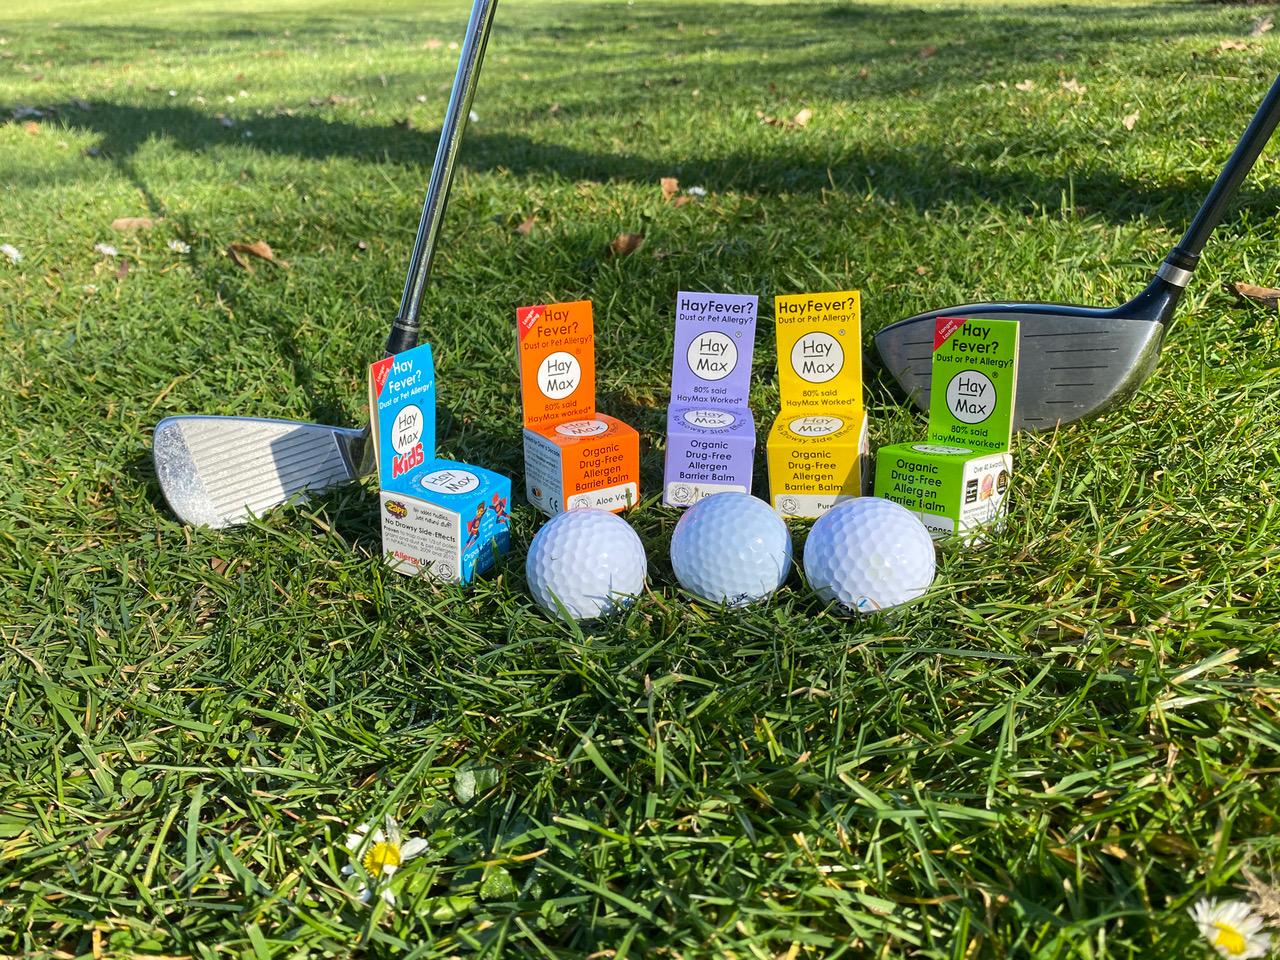 Cómo disfrutar del golf y no dejar que la fiebre del heno desafíe su rendimiento - Noticias de golf    Revista de golf